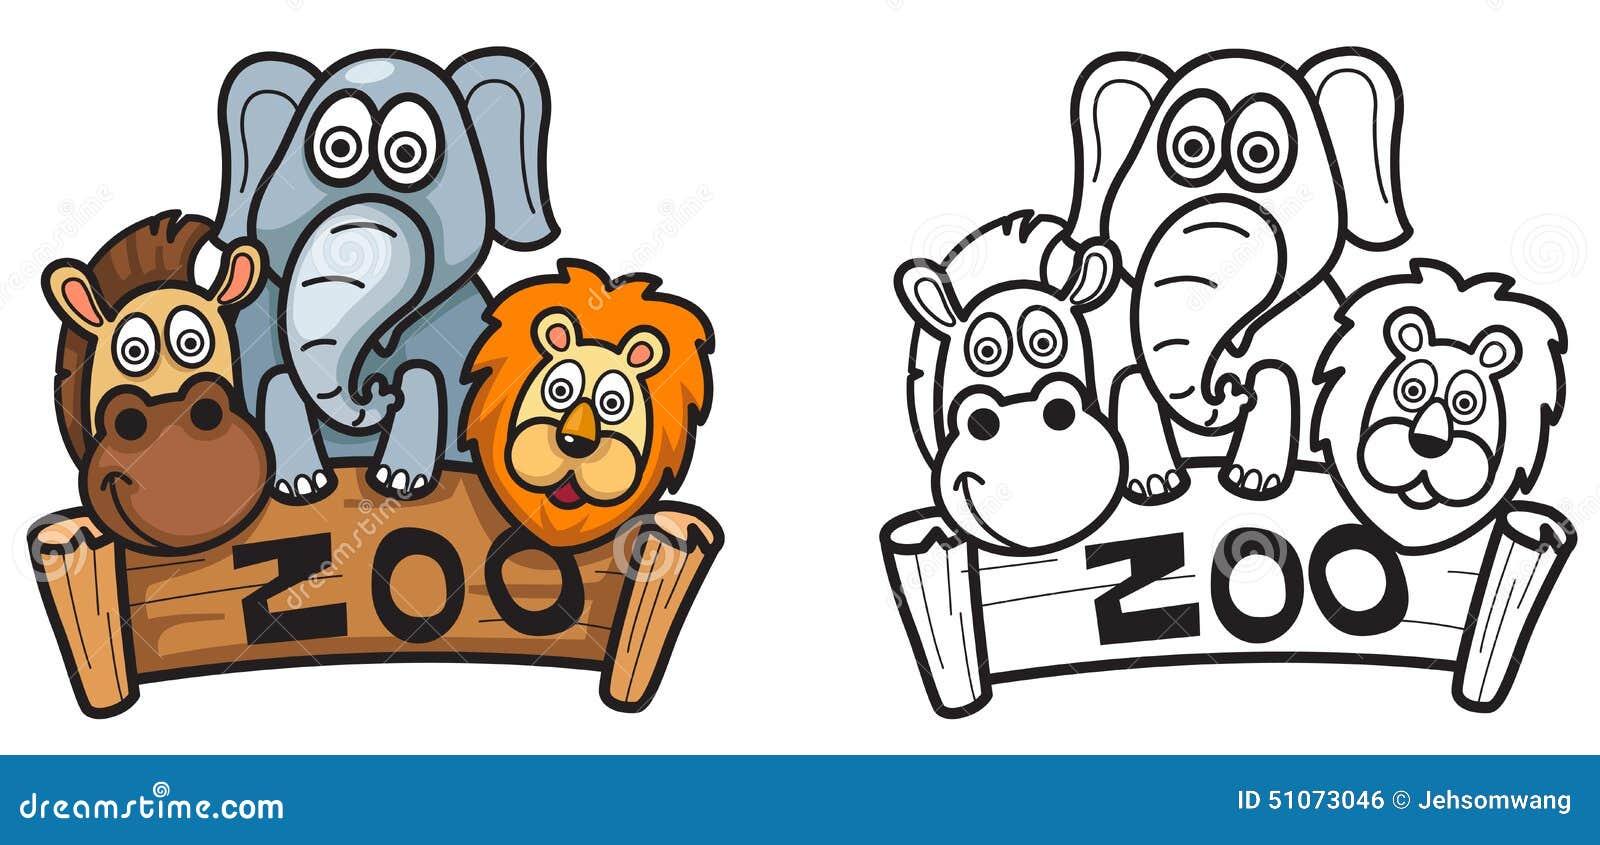 Desenho De Animais Do Zoológico Reunidos Para Colorir: Jardim Zoológico Colorido E Preto E Branco Para O Livro